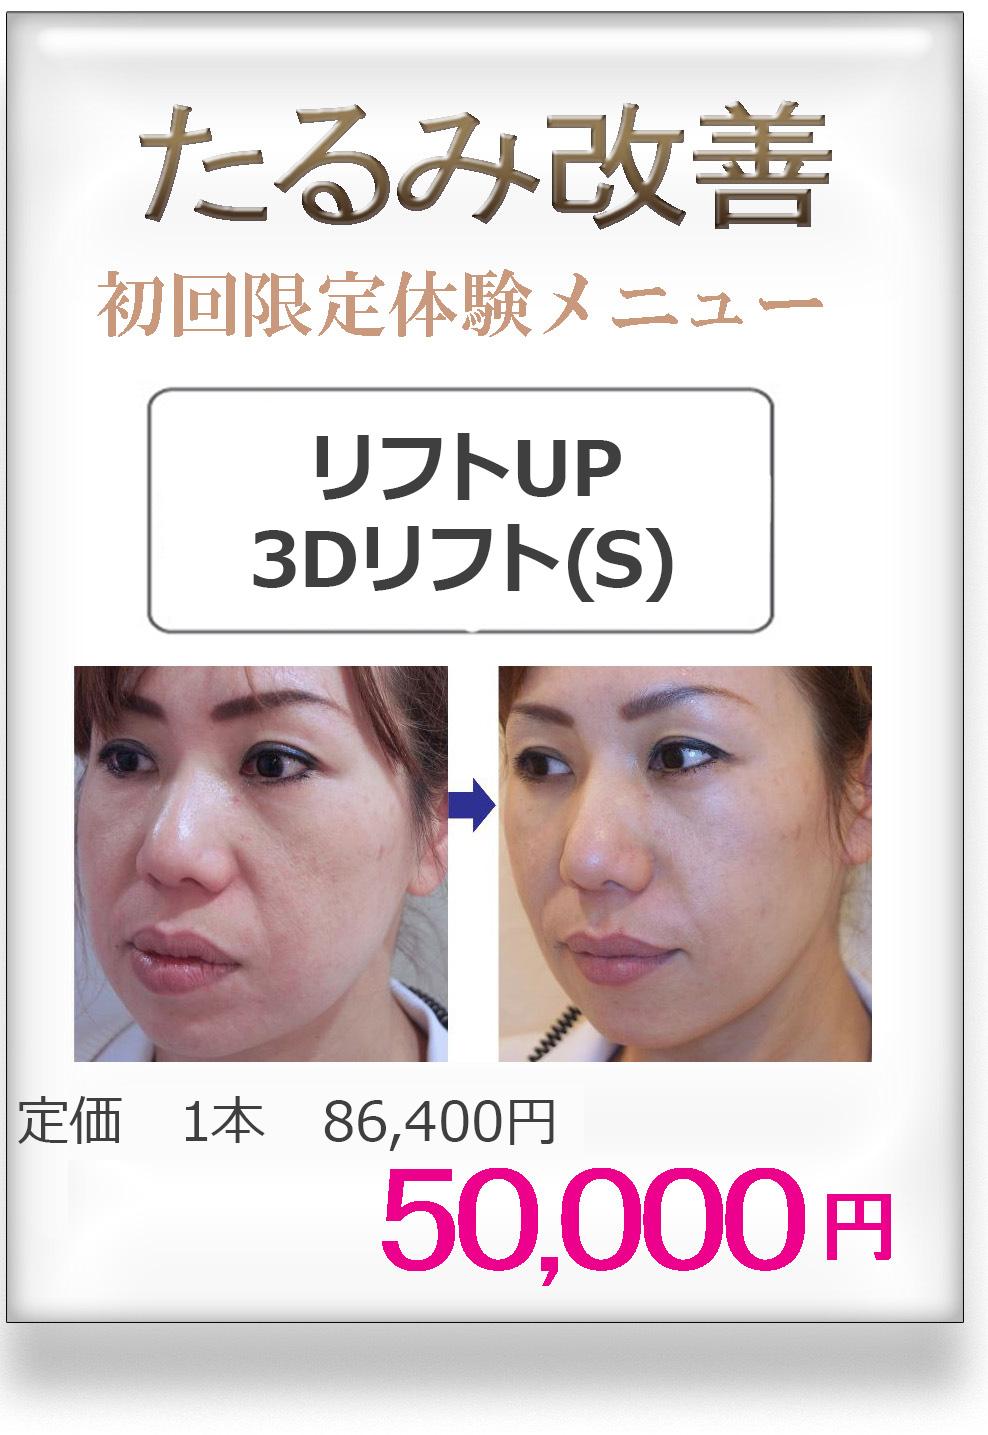 たるみ改善治療に3Dリフト/美容外科ピュアメディカルクリニック/奈良・大阪・京都